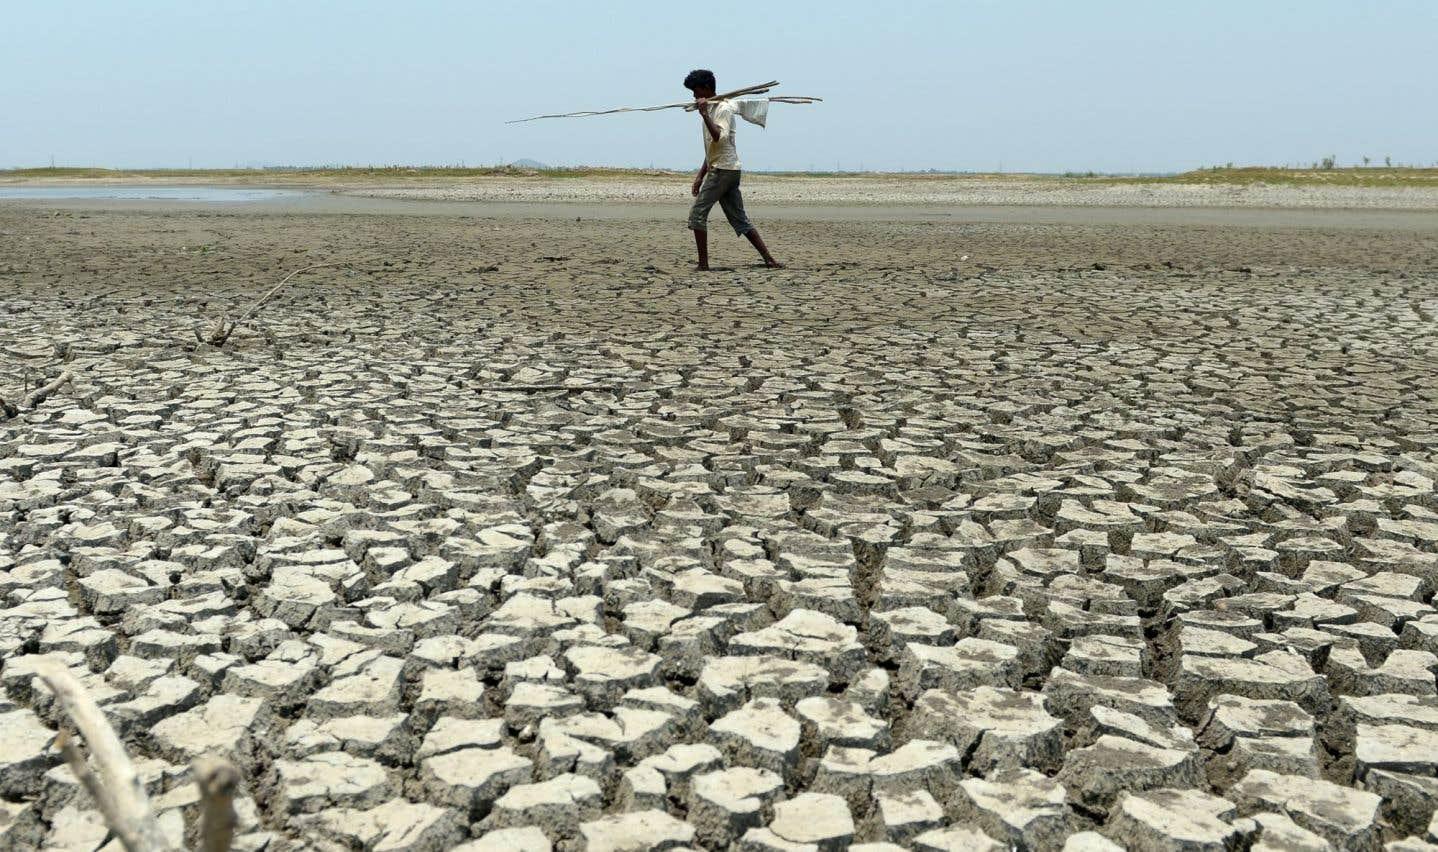 La chaleur extrême risque de rendre l'Asie du Sud invivable d'ici 2100